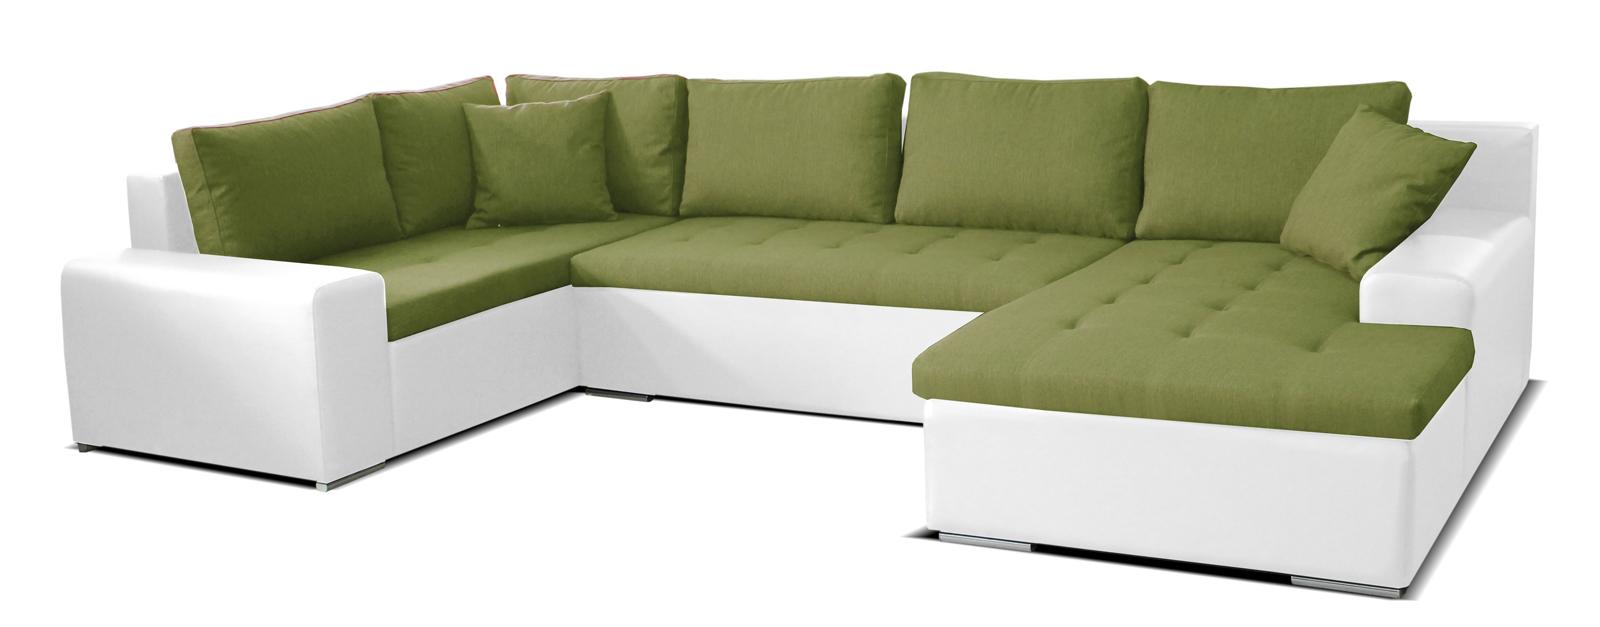 Rohová sedačka U - Po-Sed - Moreno BL+2+L (zelená + biela) (P). Akcia -26%. Doprava ZDARMA. Sme autorizovaný predajca Po-Sed. Vlastná spoľahlivá doprava až k Vám domov.